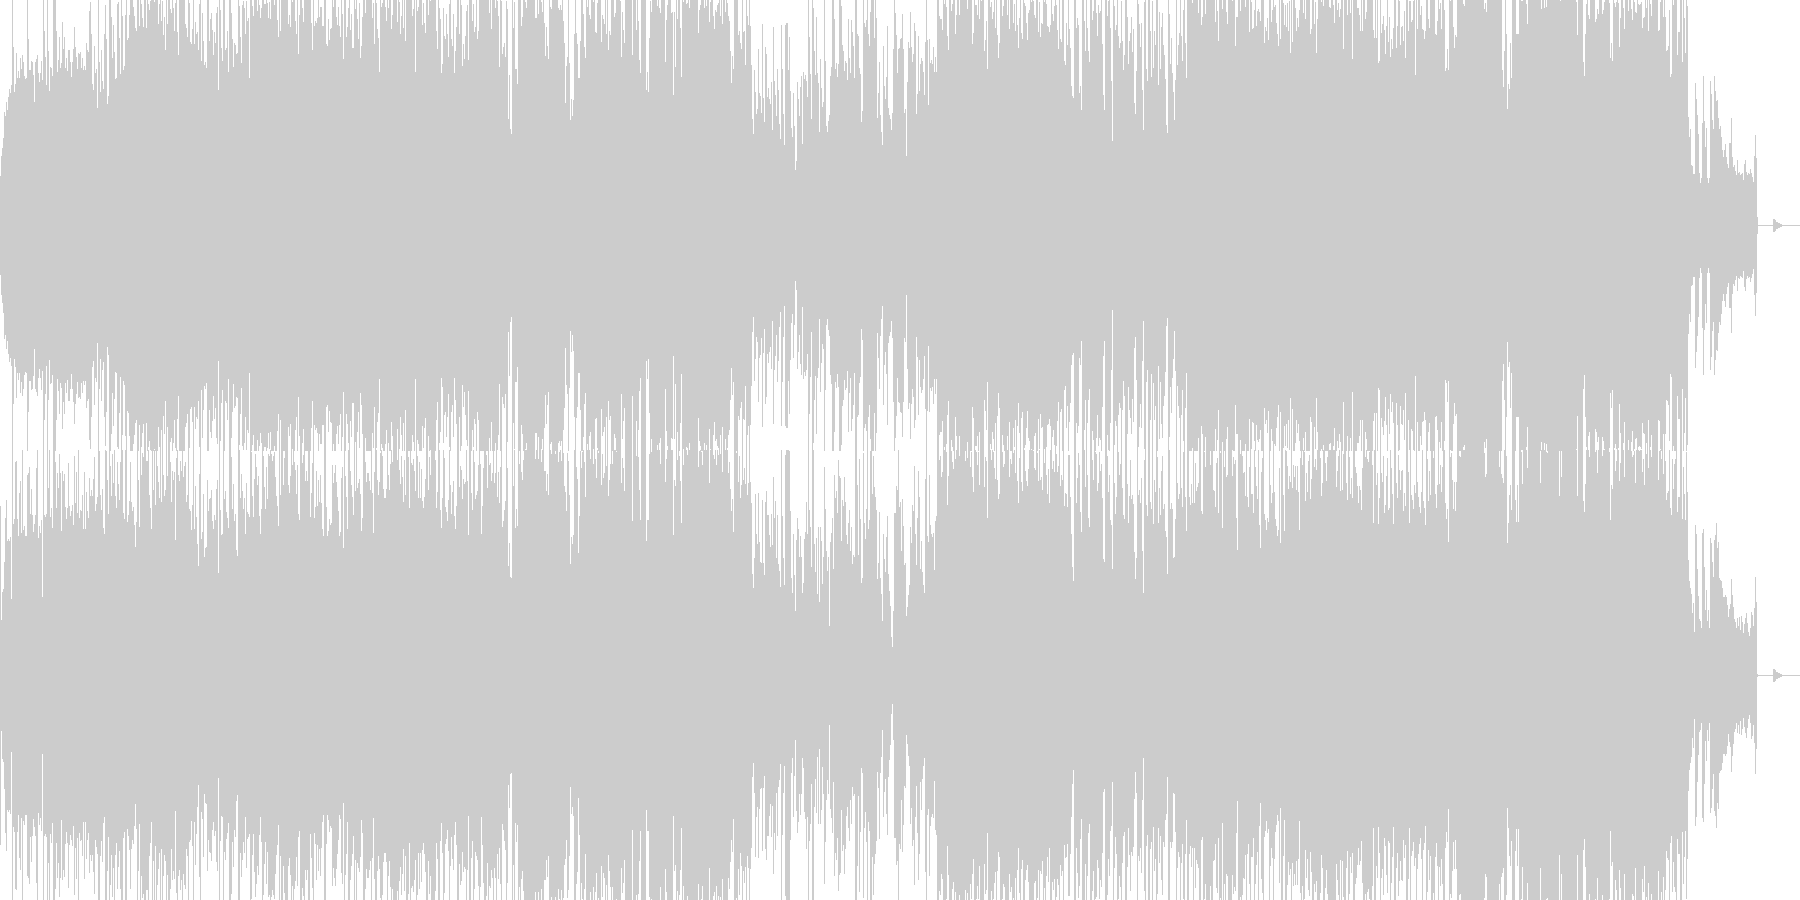 ヘヴィでダークなオープニング用ロックの未再生の波形